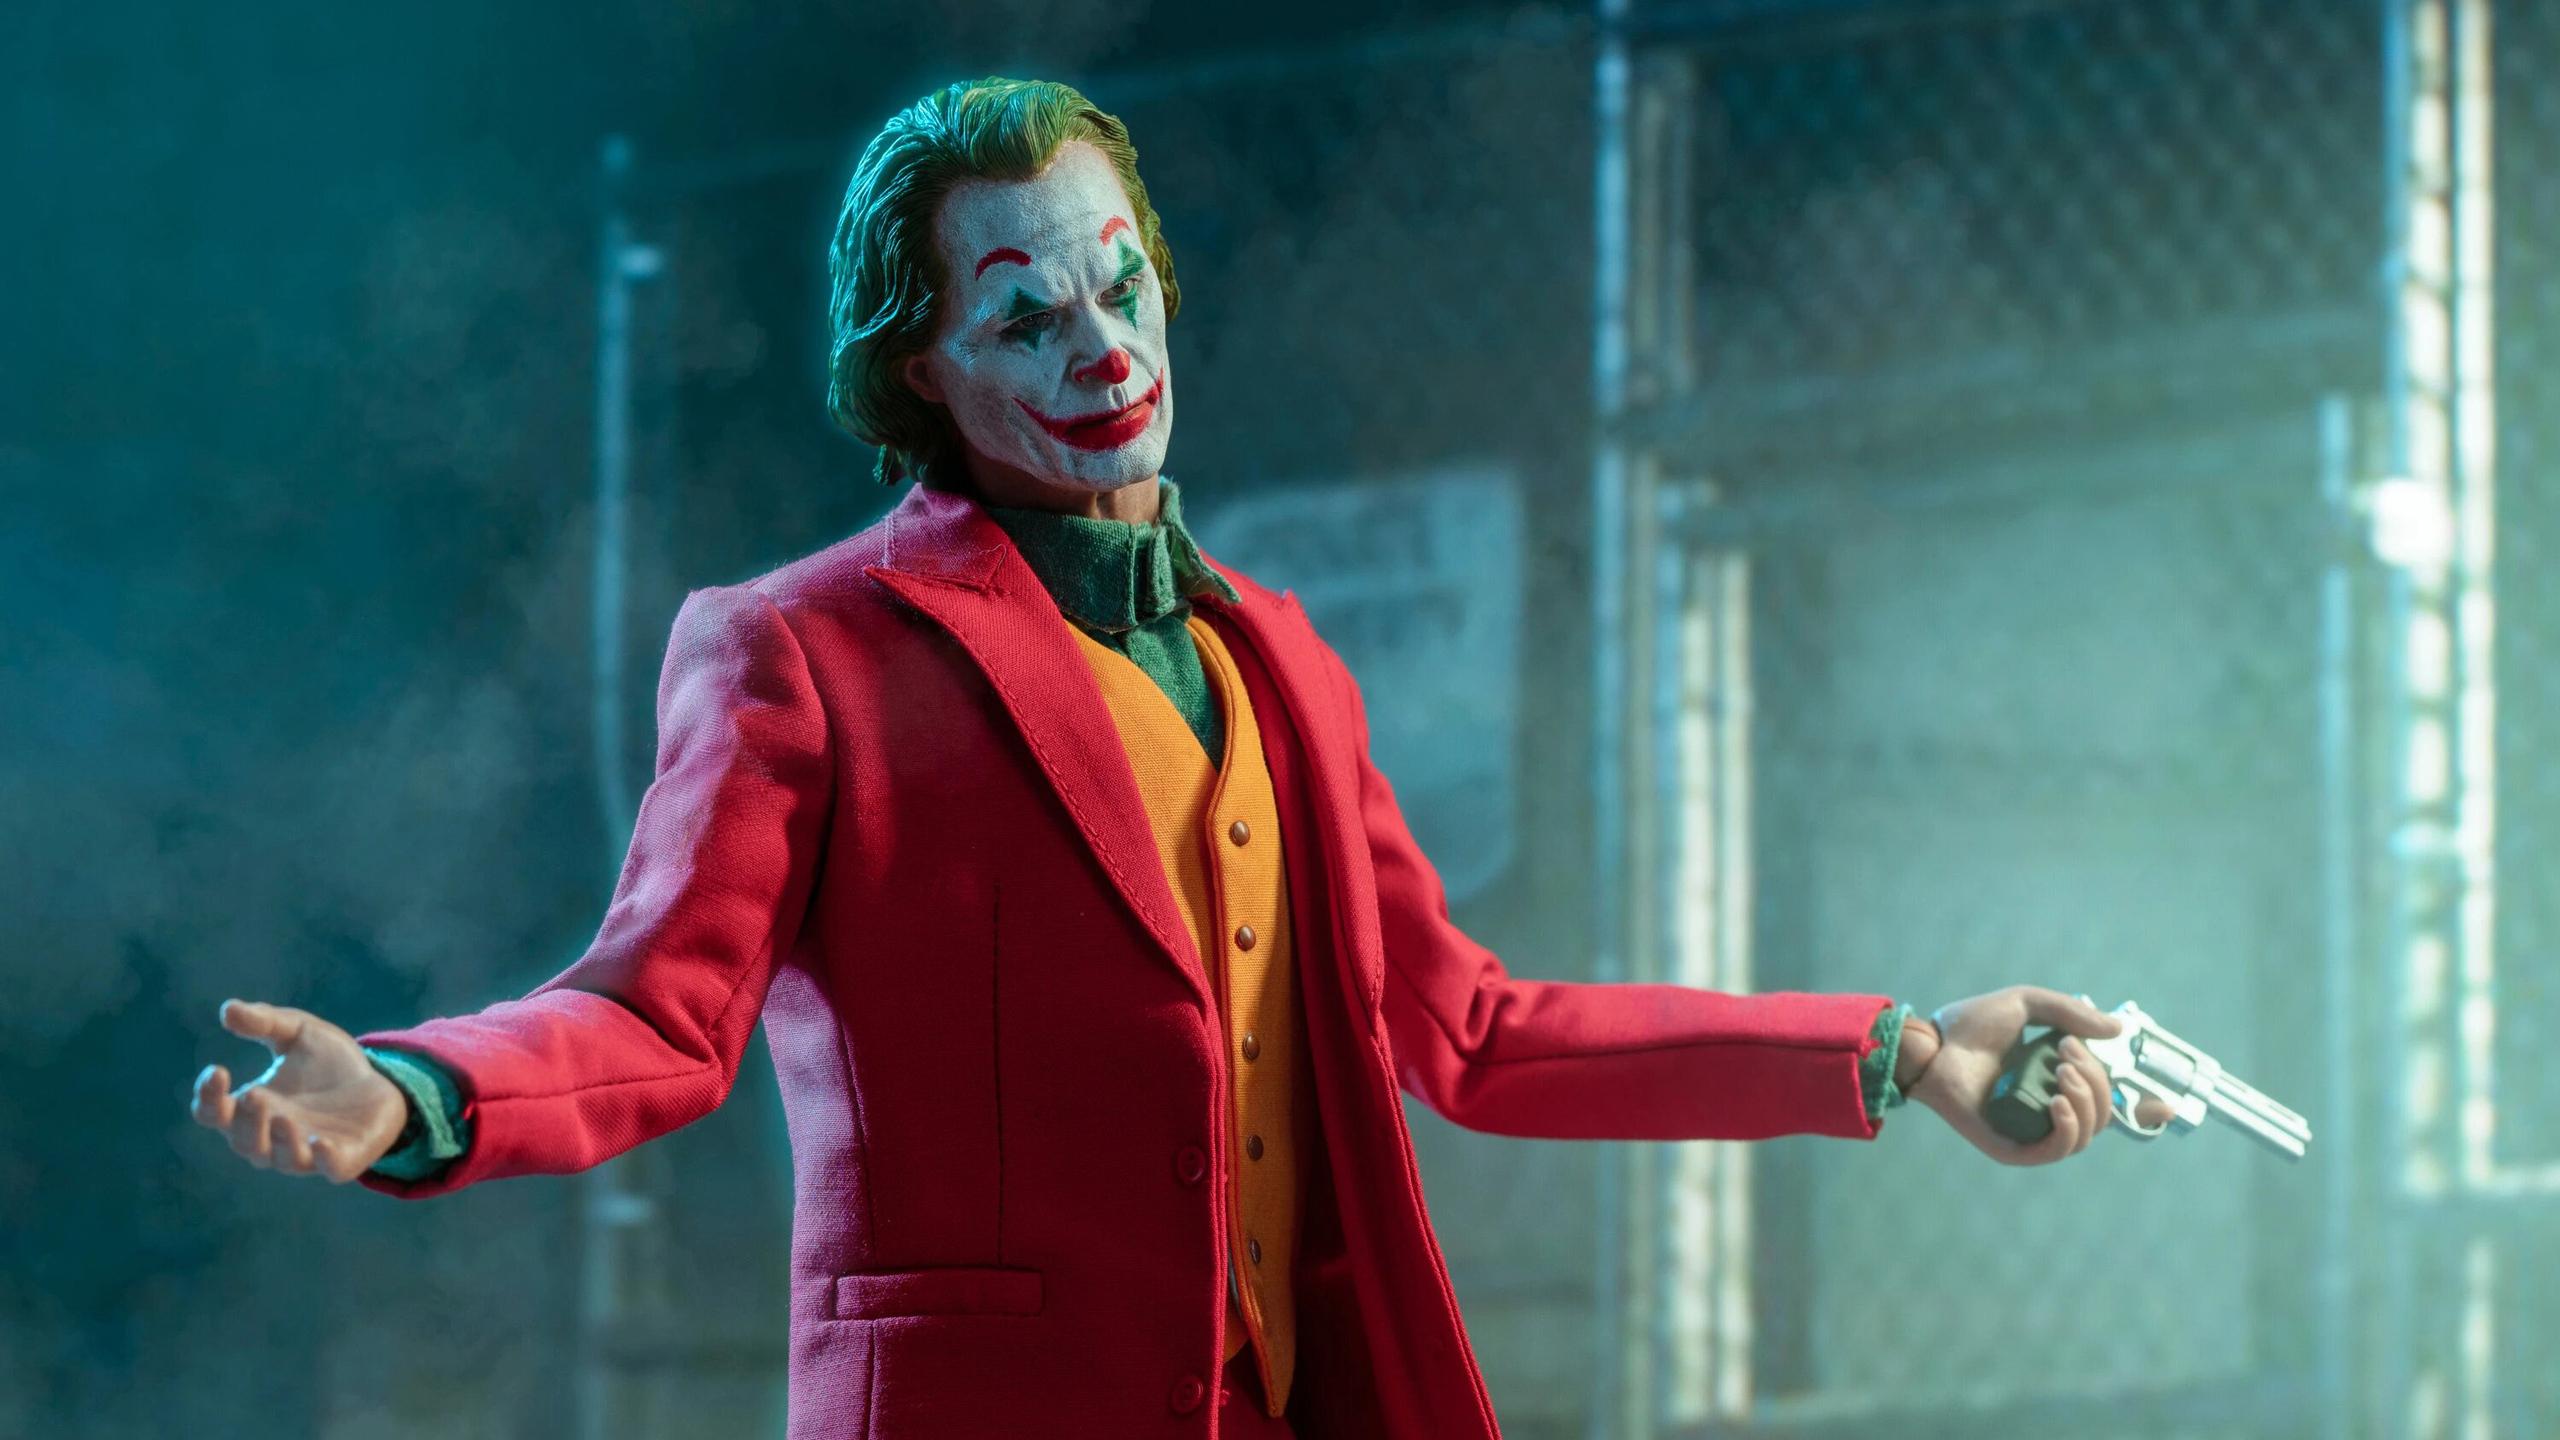 2560x1440 Joker With Gun 2020 1440P Resolution HD 4k ...